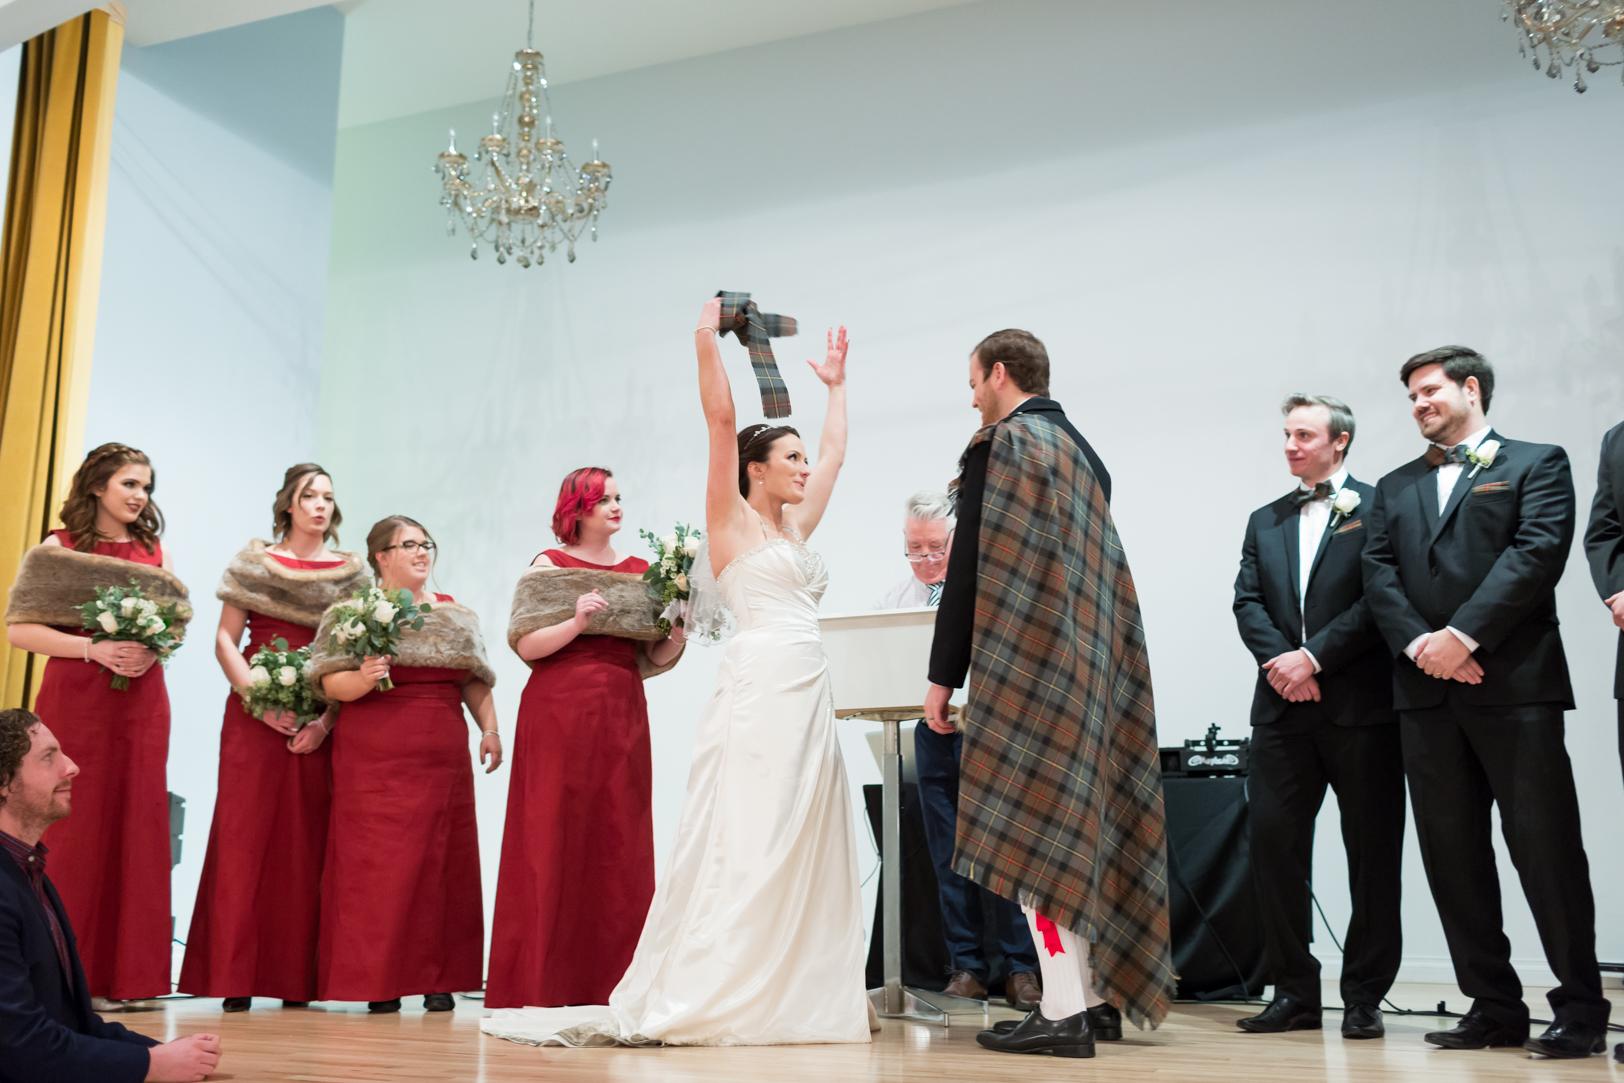 fun wedding ceremony photo